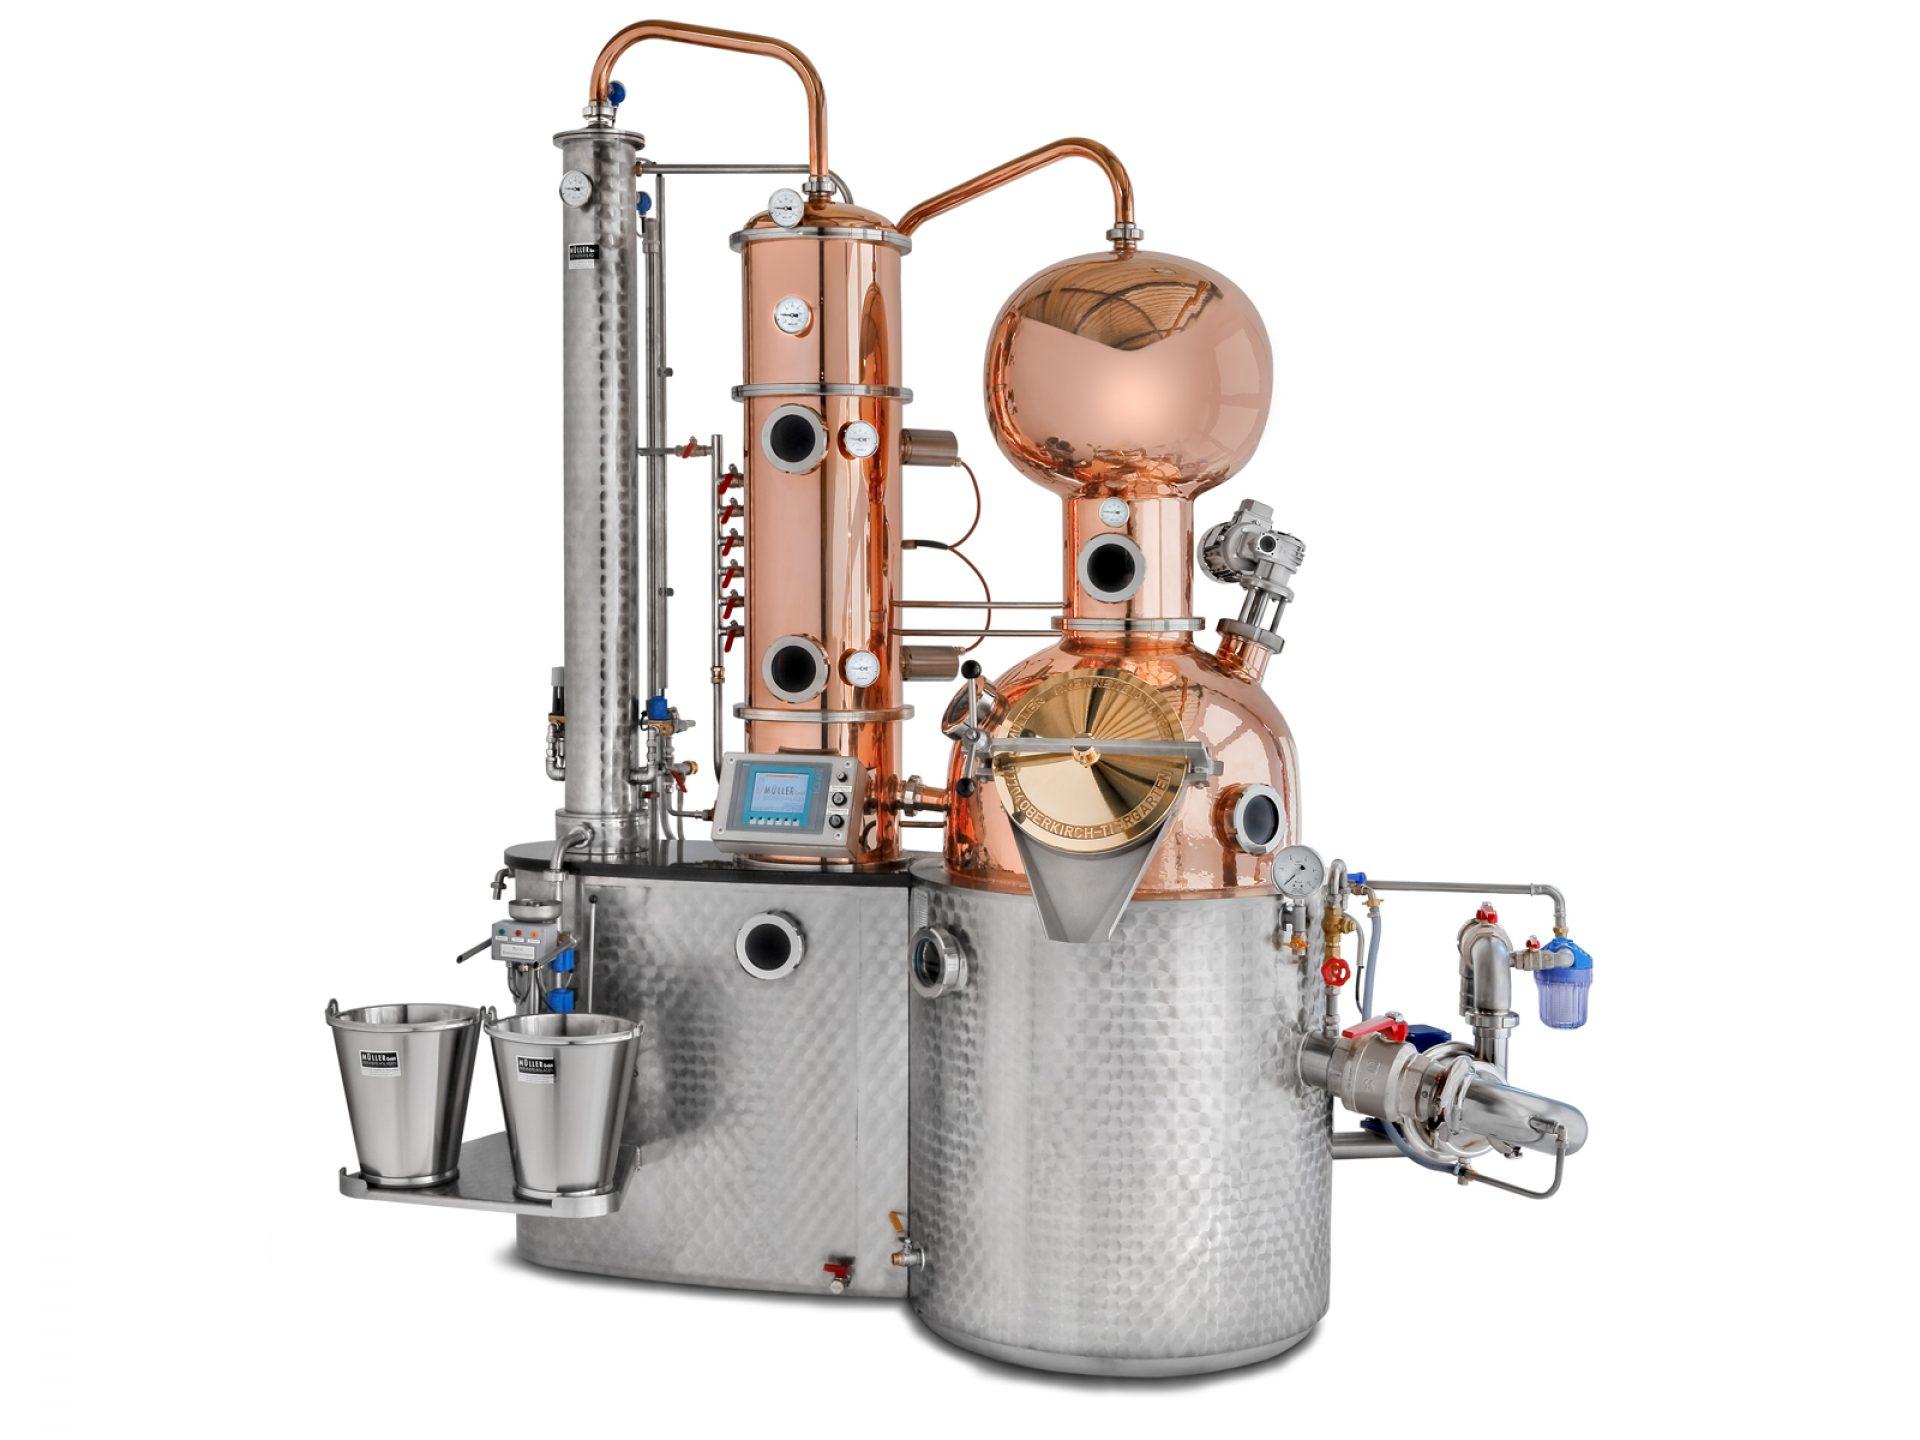 mueller-aromat-brennereianlage-destillieranlage-slide-06